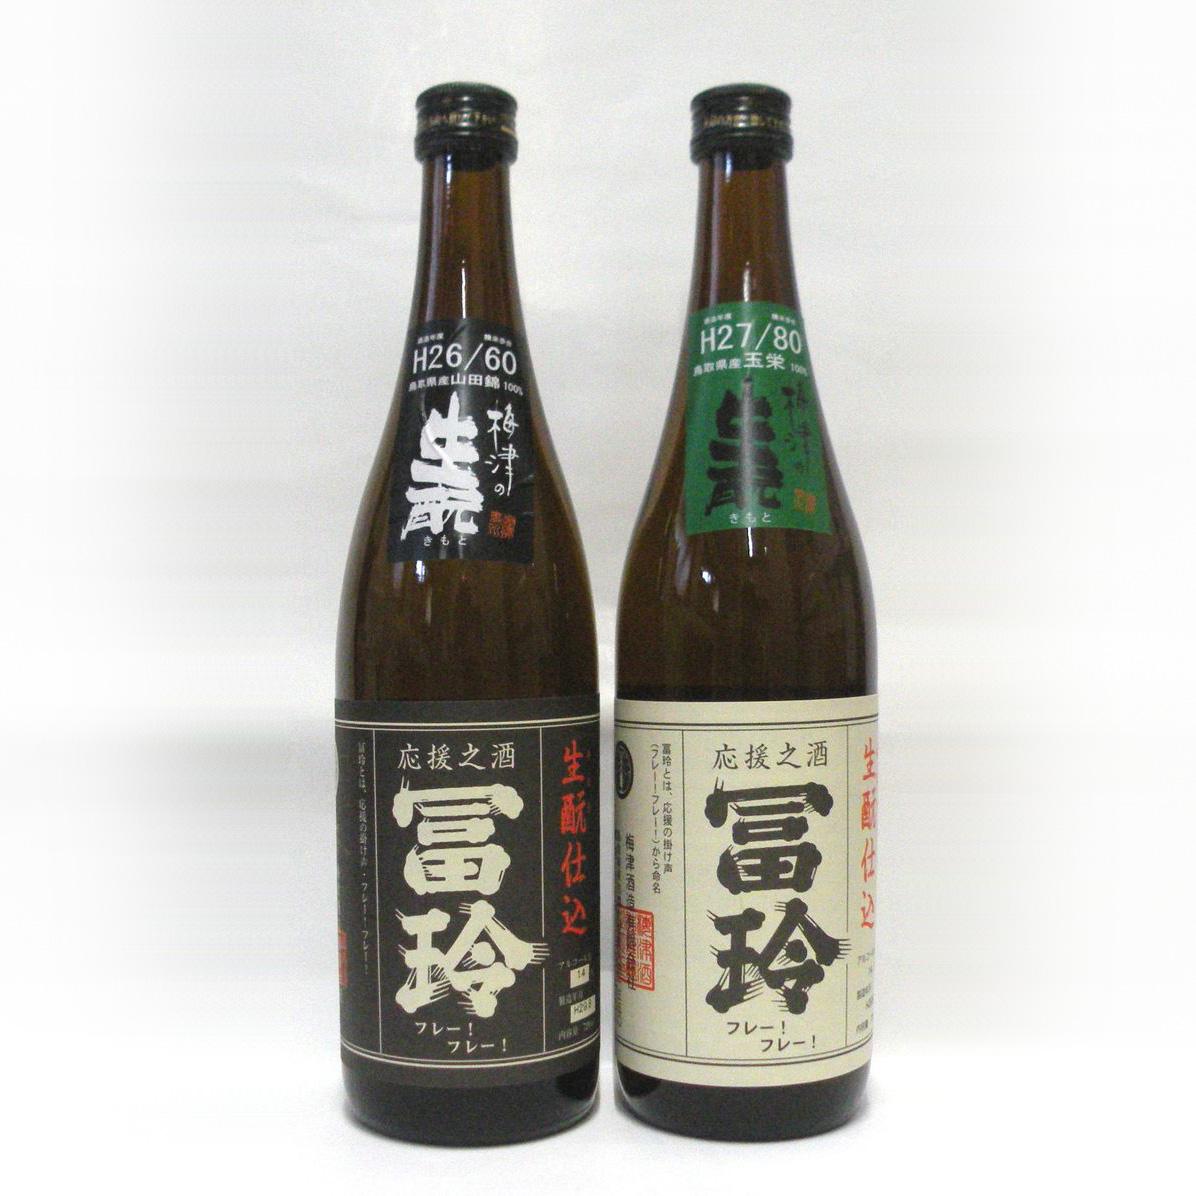 【ふるさと納税】梅津酒造の飲みくらべセットN 日本酒720ml×2本